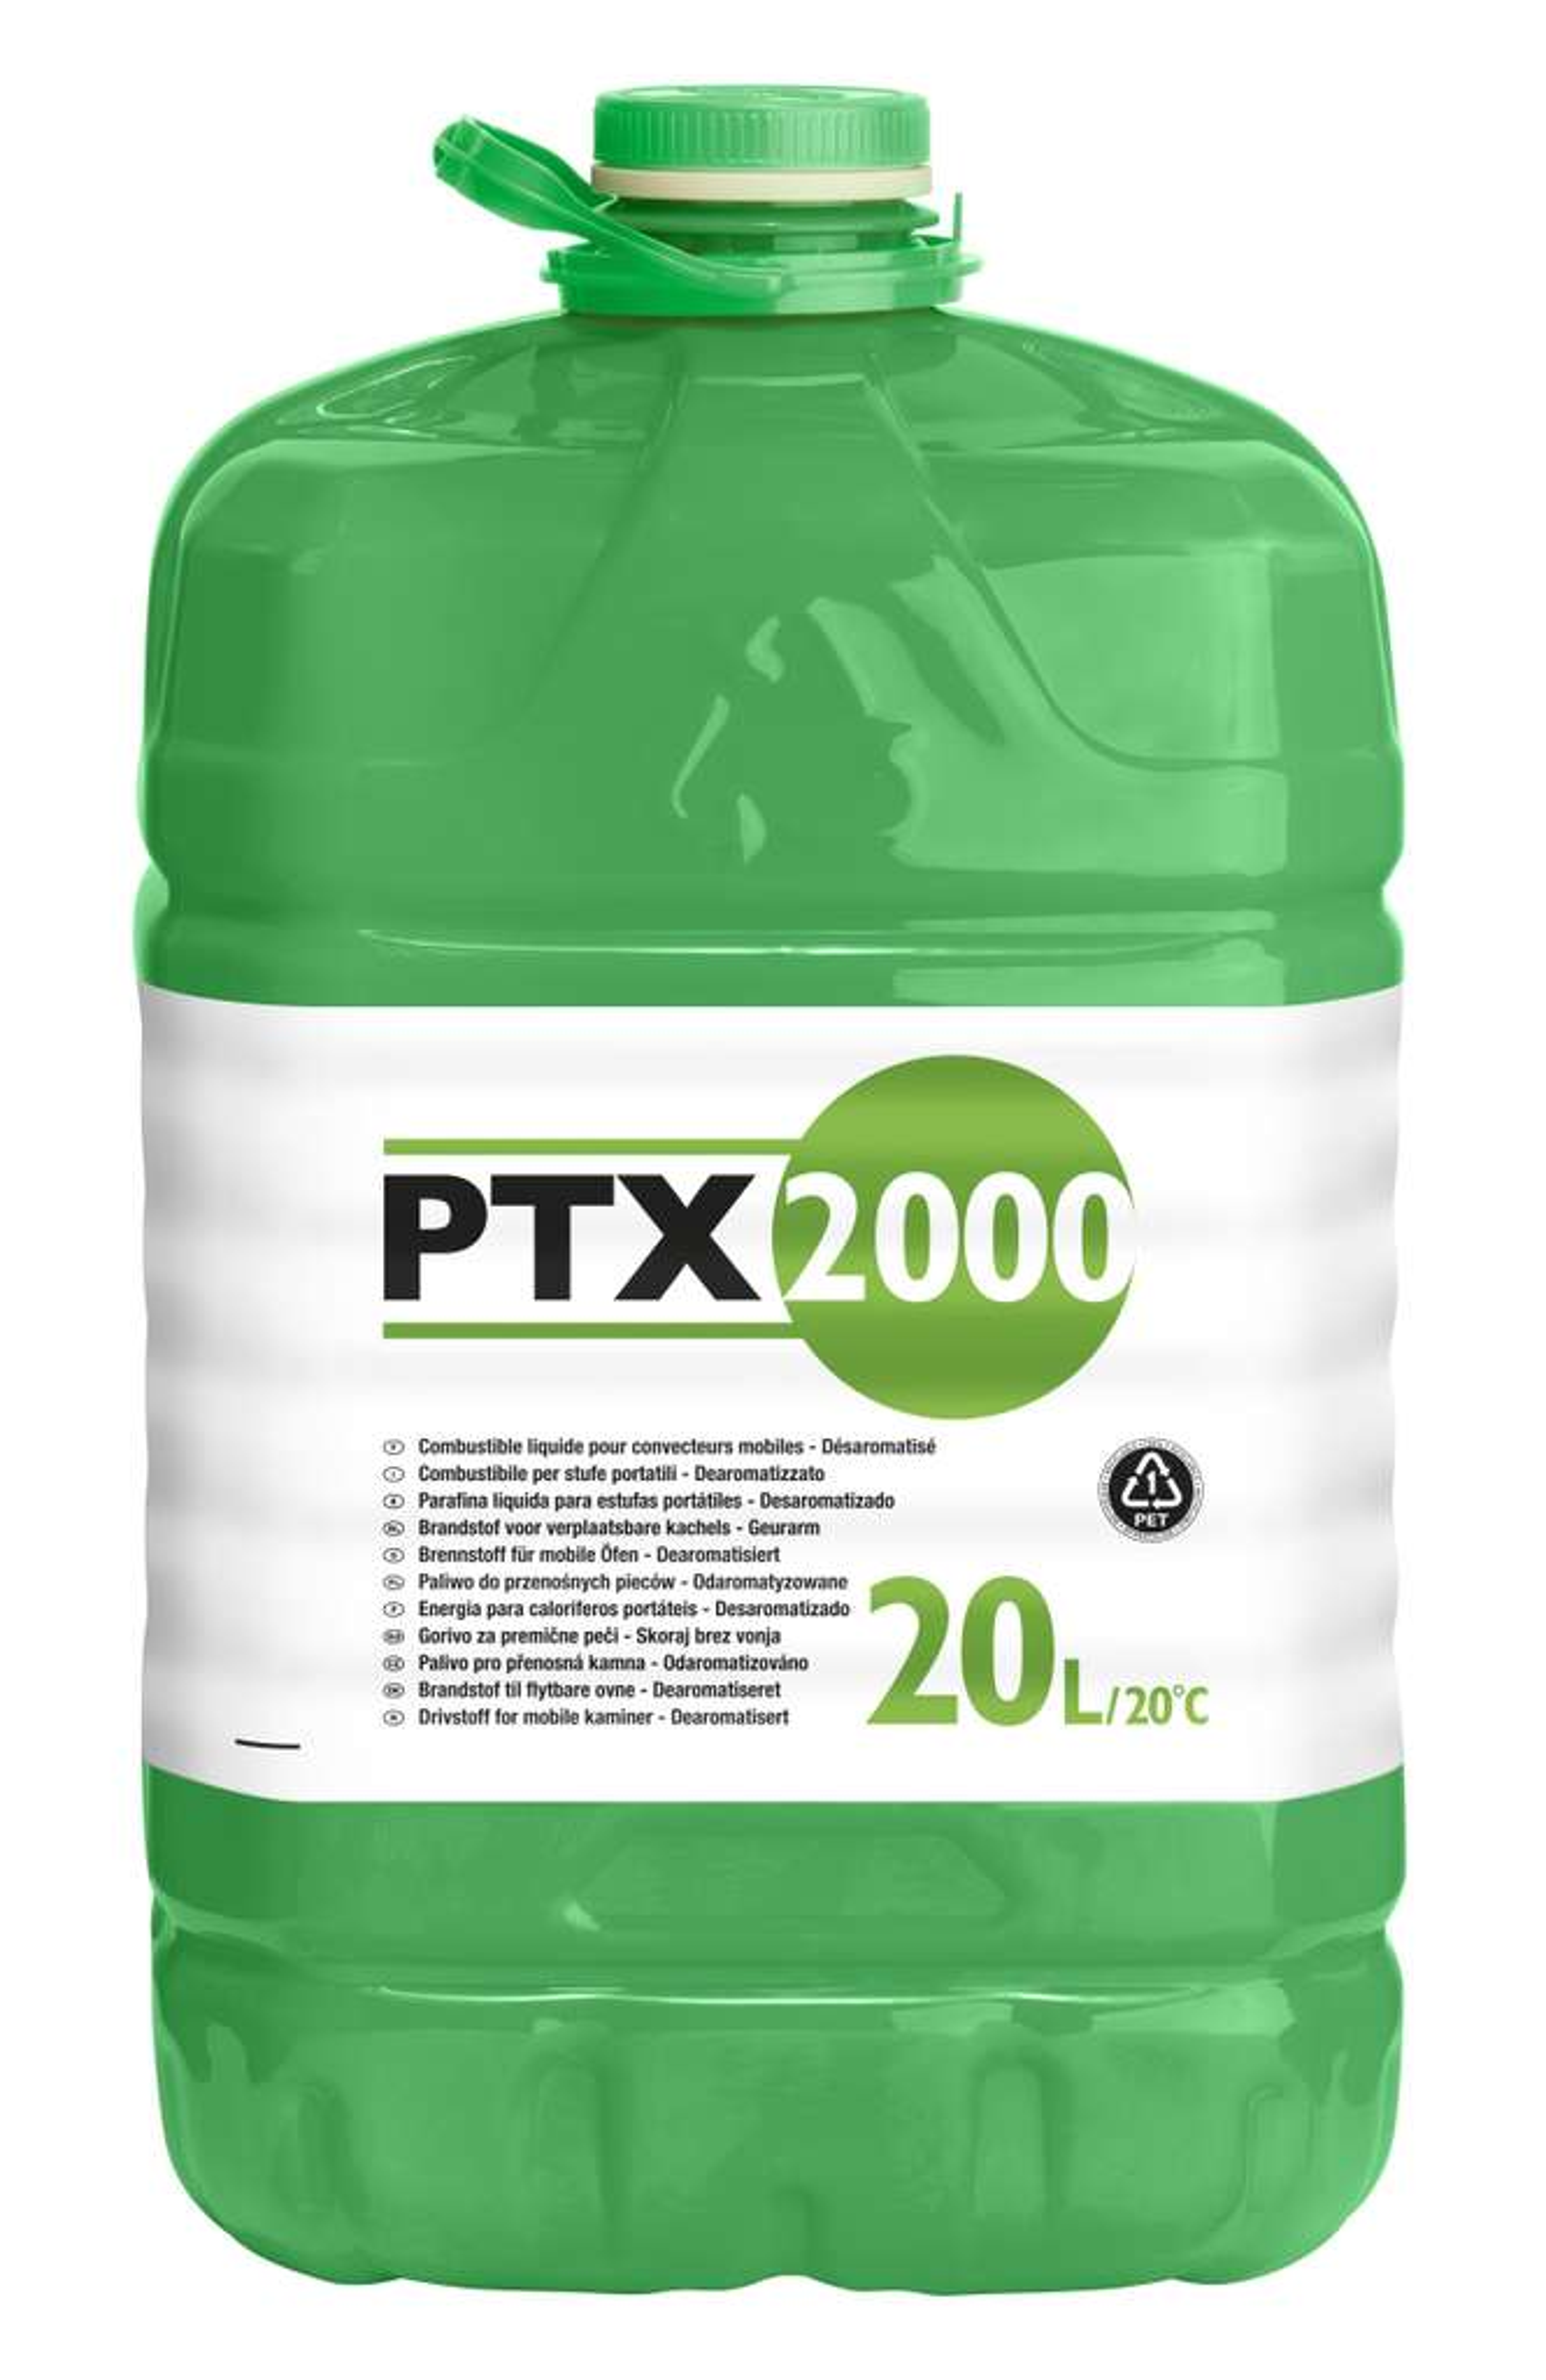 Bidon De Combustible Pour Poêle à Pétrole Ptx2000 20 L